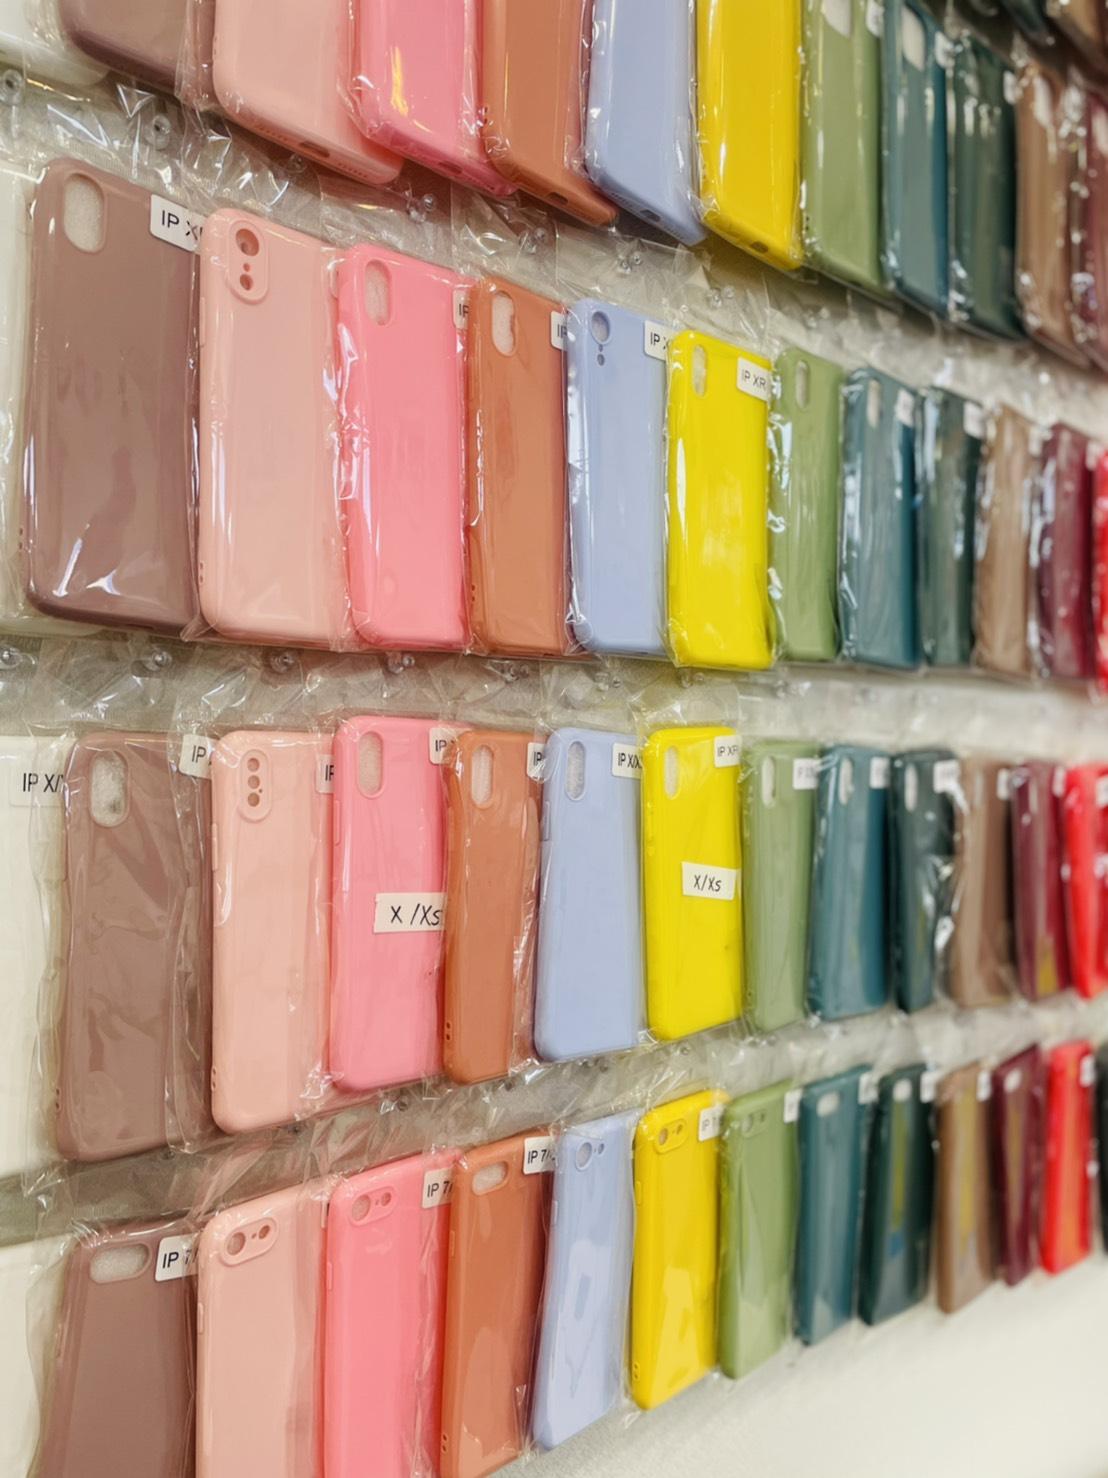 iPhone ケース 安い シリコン